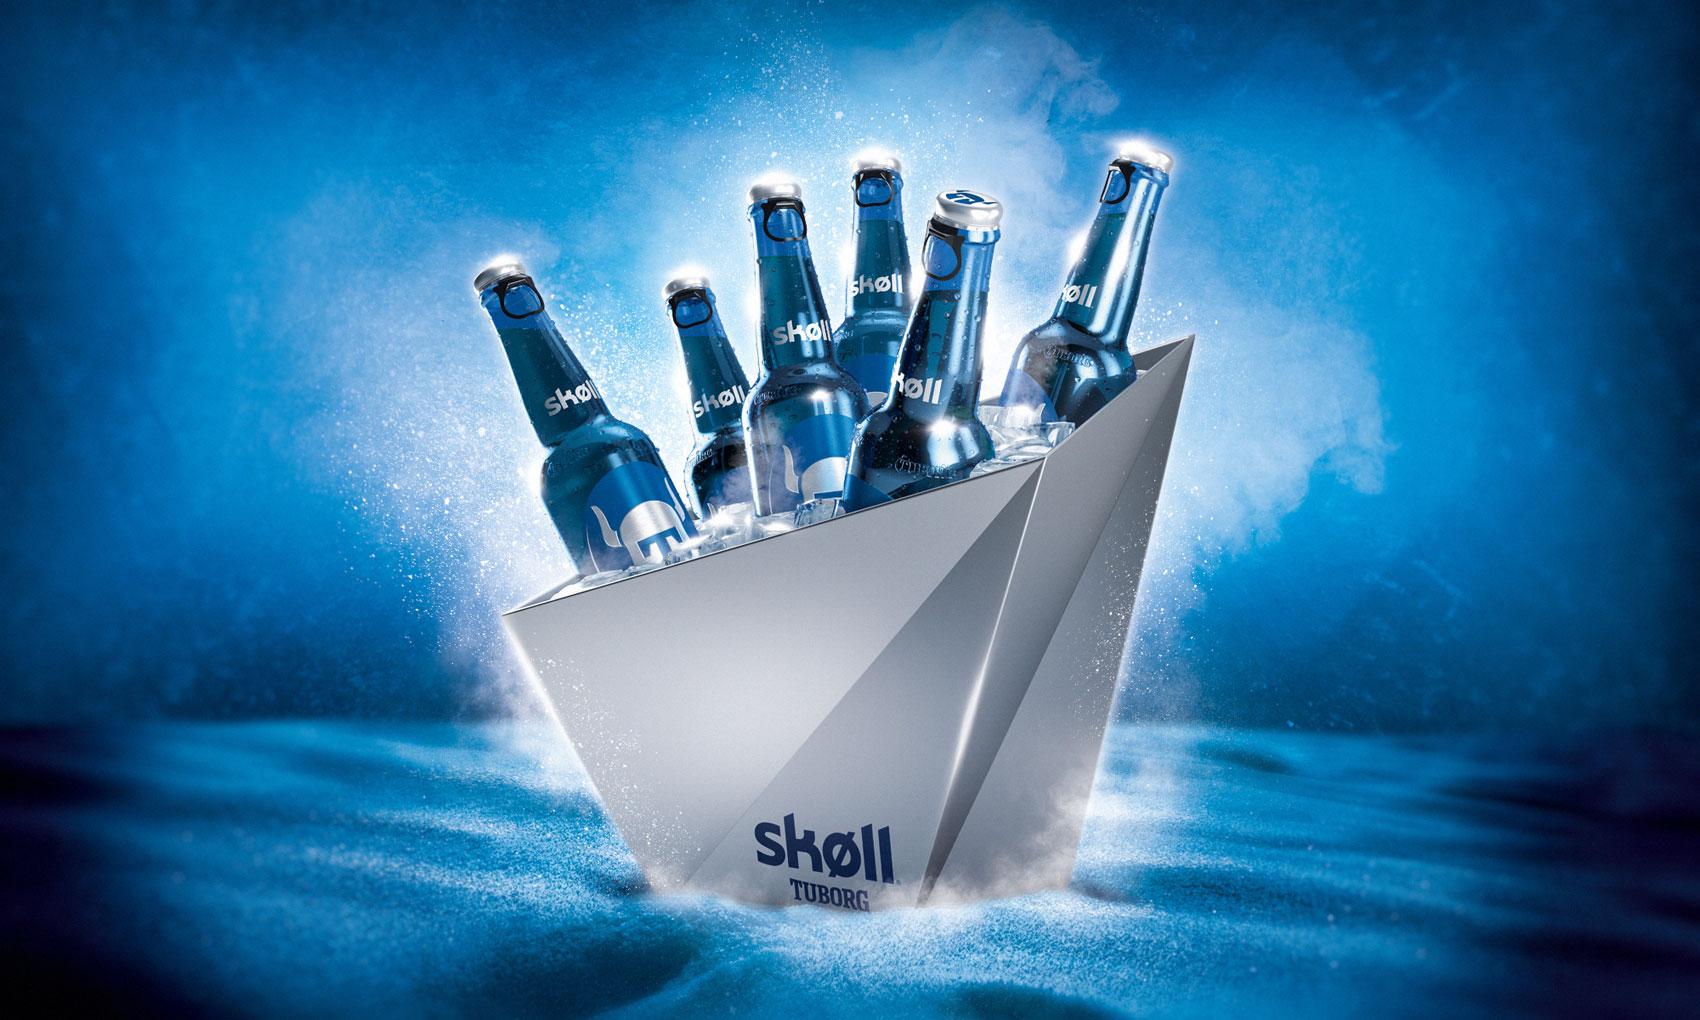 vasque-skoll-3